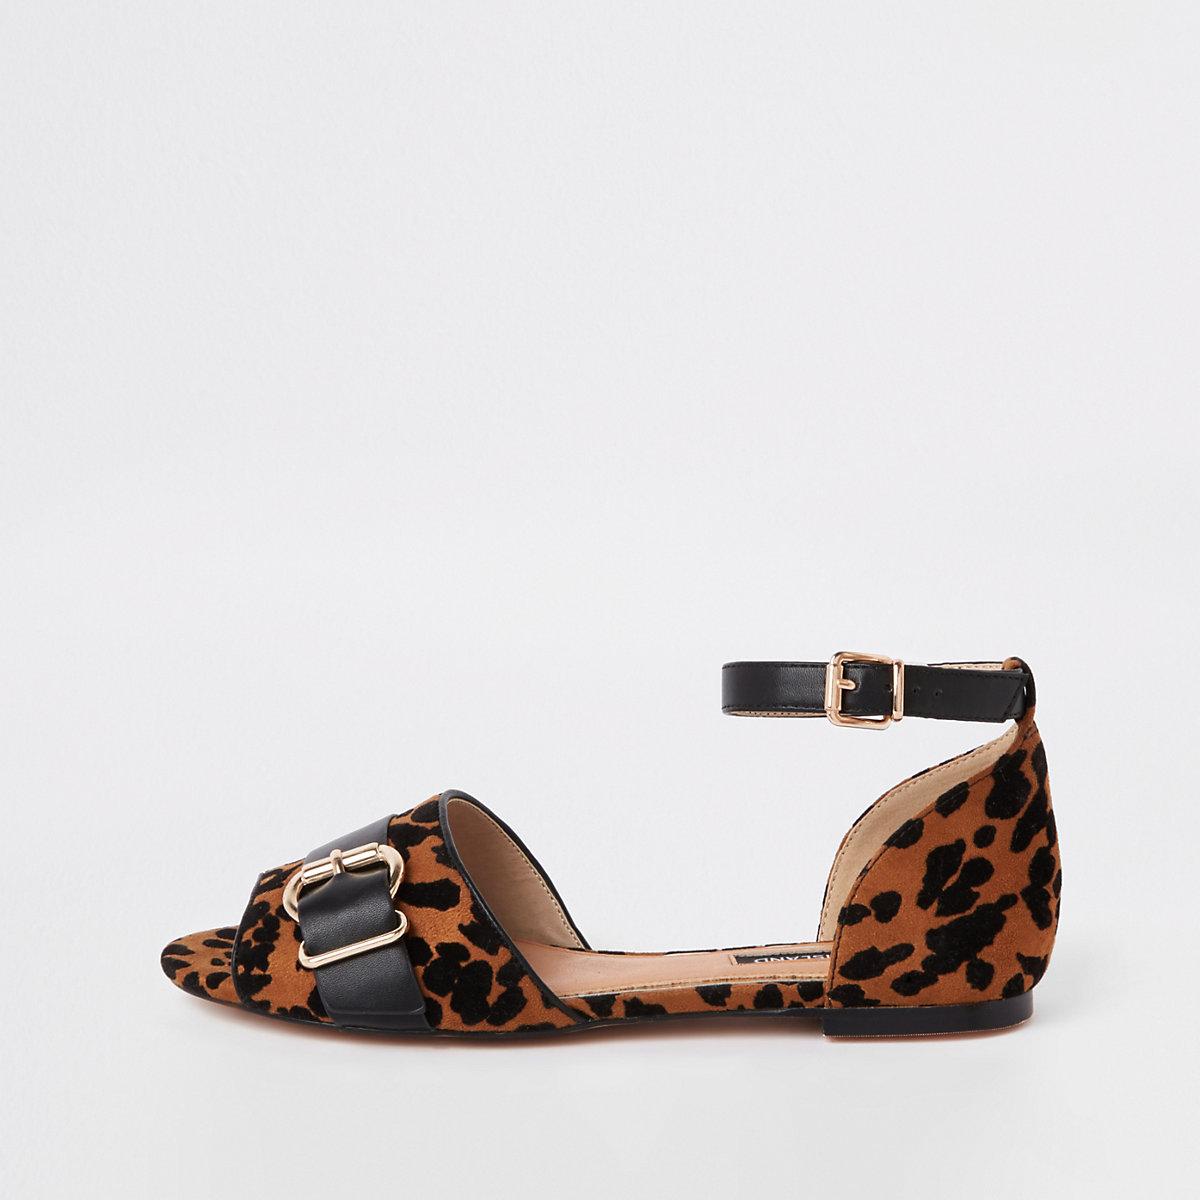 Bruine peeptoe schoenen met luipaardprint